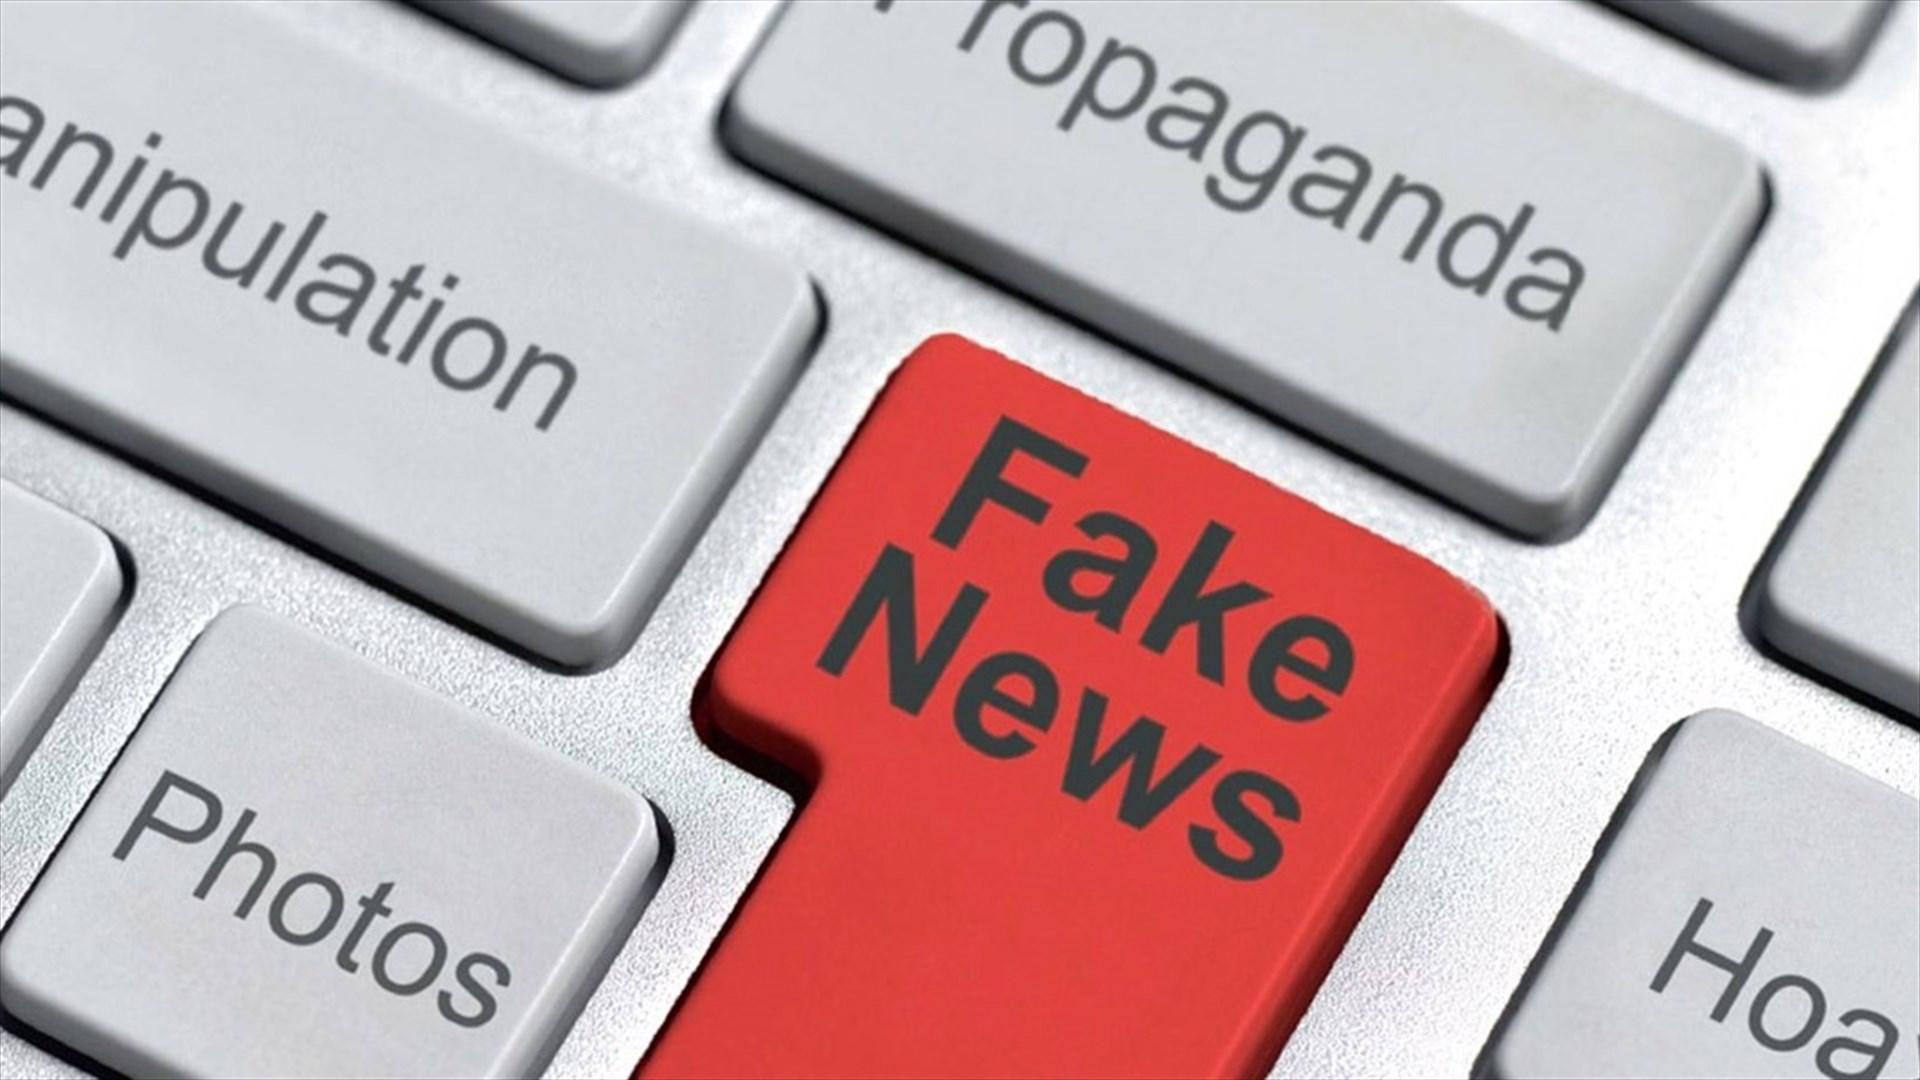 Quelle relazioni pericolose tra fake news e aziende che danneggiano consumatori, mercati, reputazione